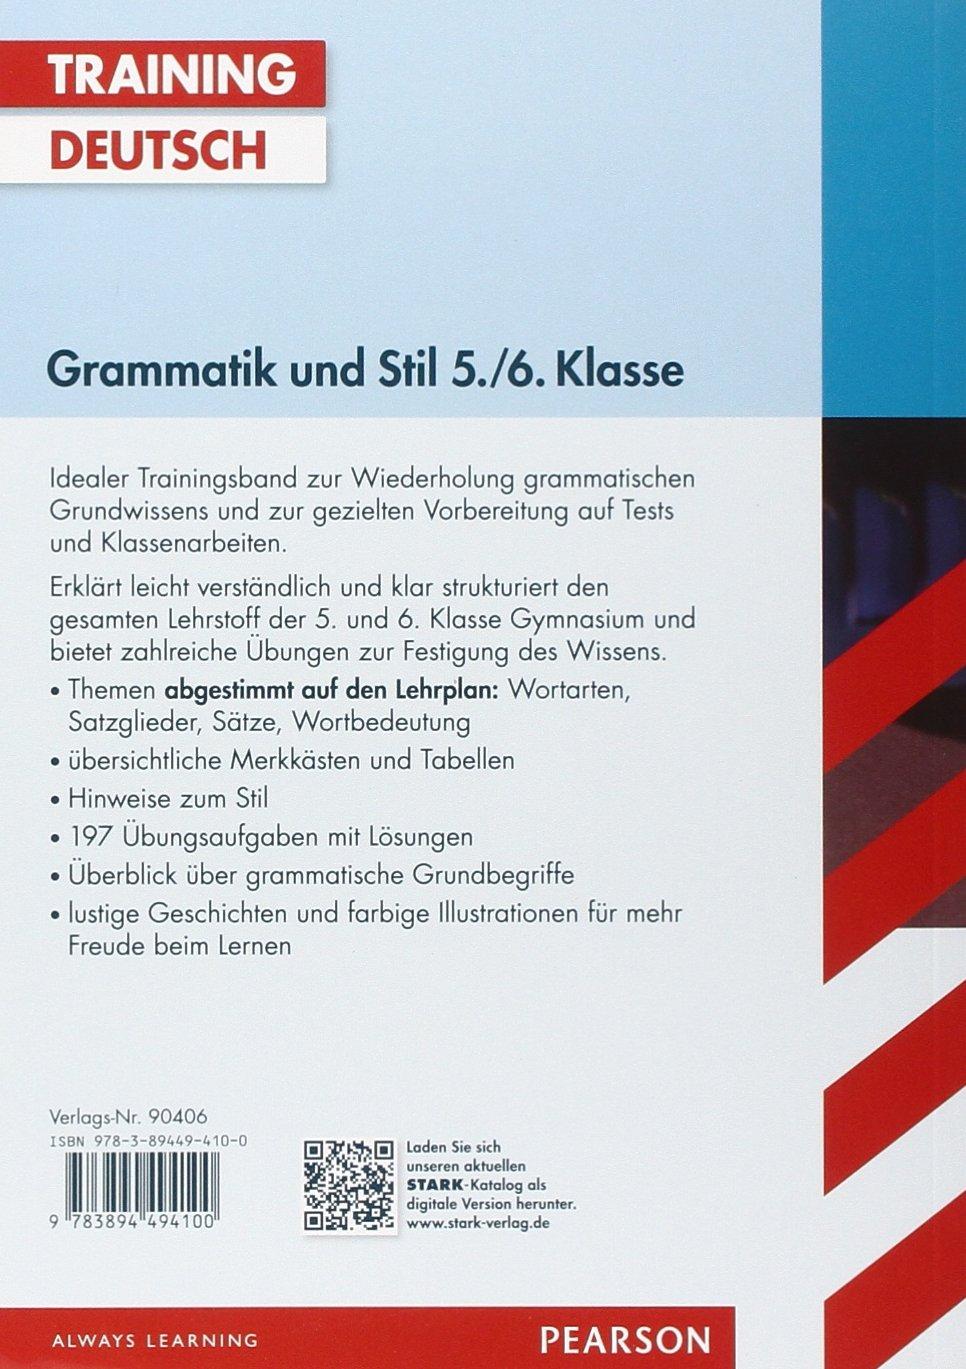 Training Gymnasium - Deutsch Grammatik und Stil 5./6. Klasse - Frank ...